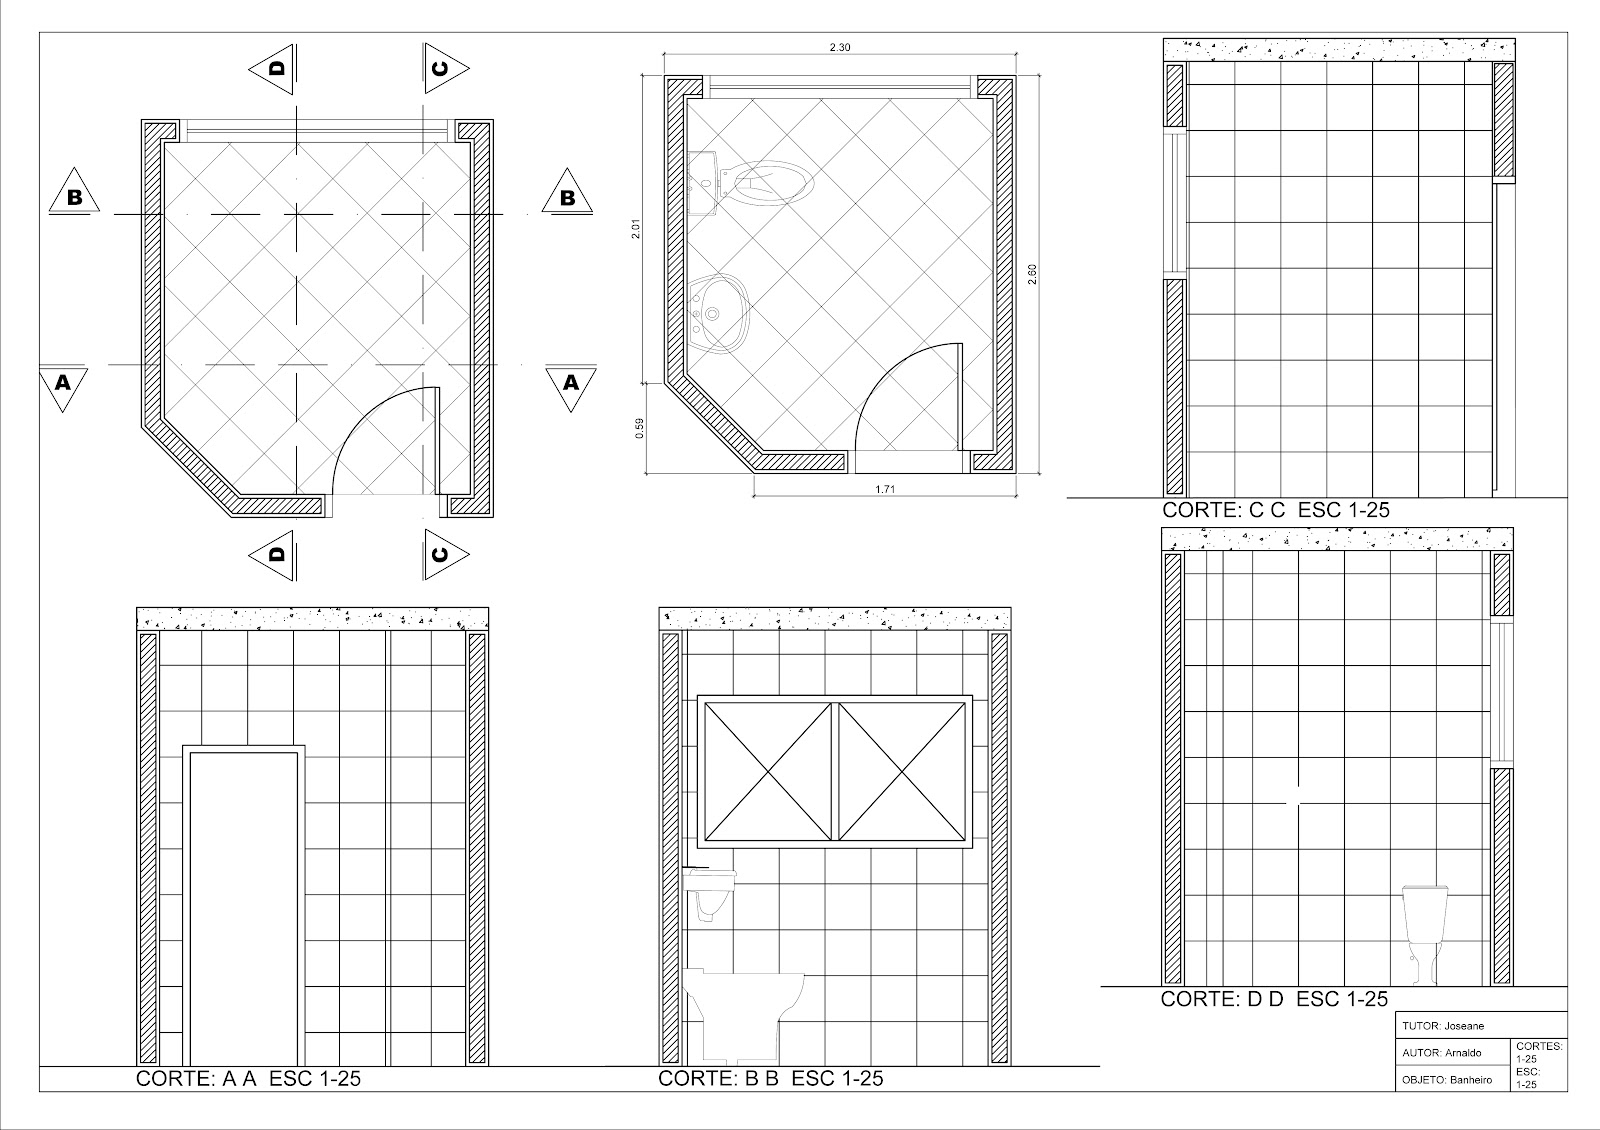 Banheiro Banheiro.jpg #3C3C3C 1600x1130 Banheiro Acessibilidade Bloco Cad